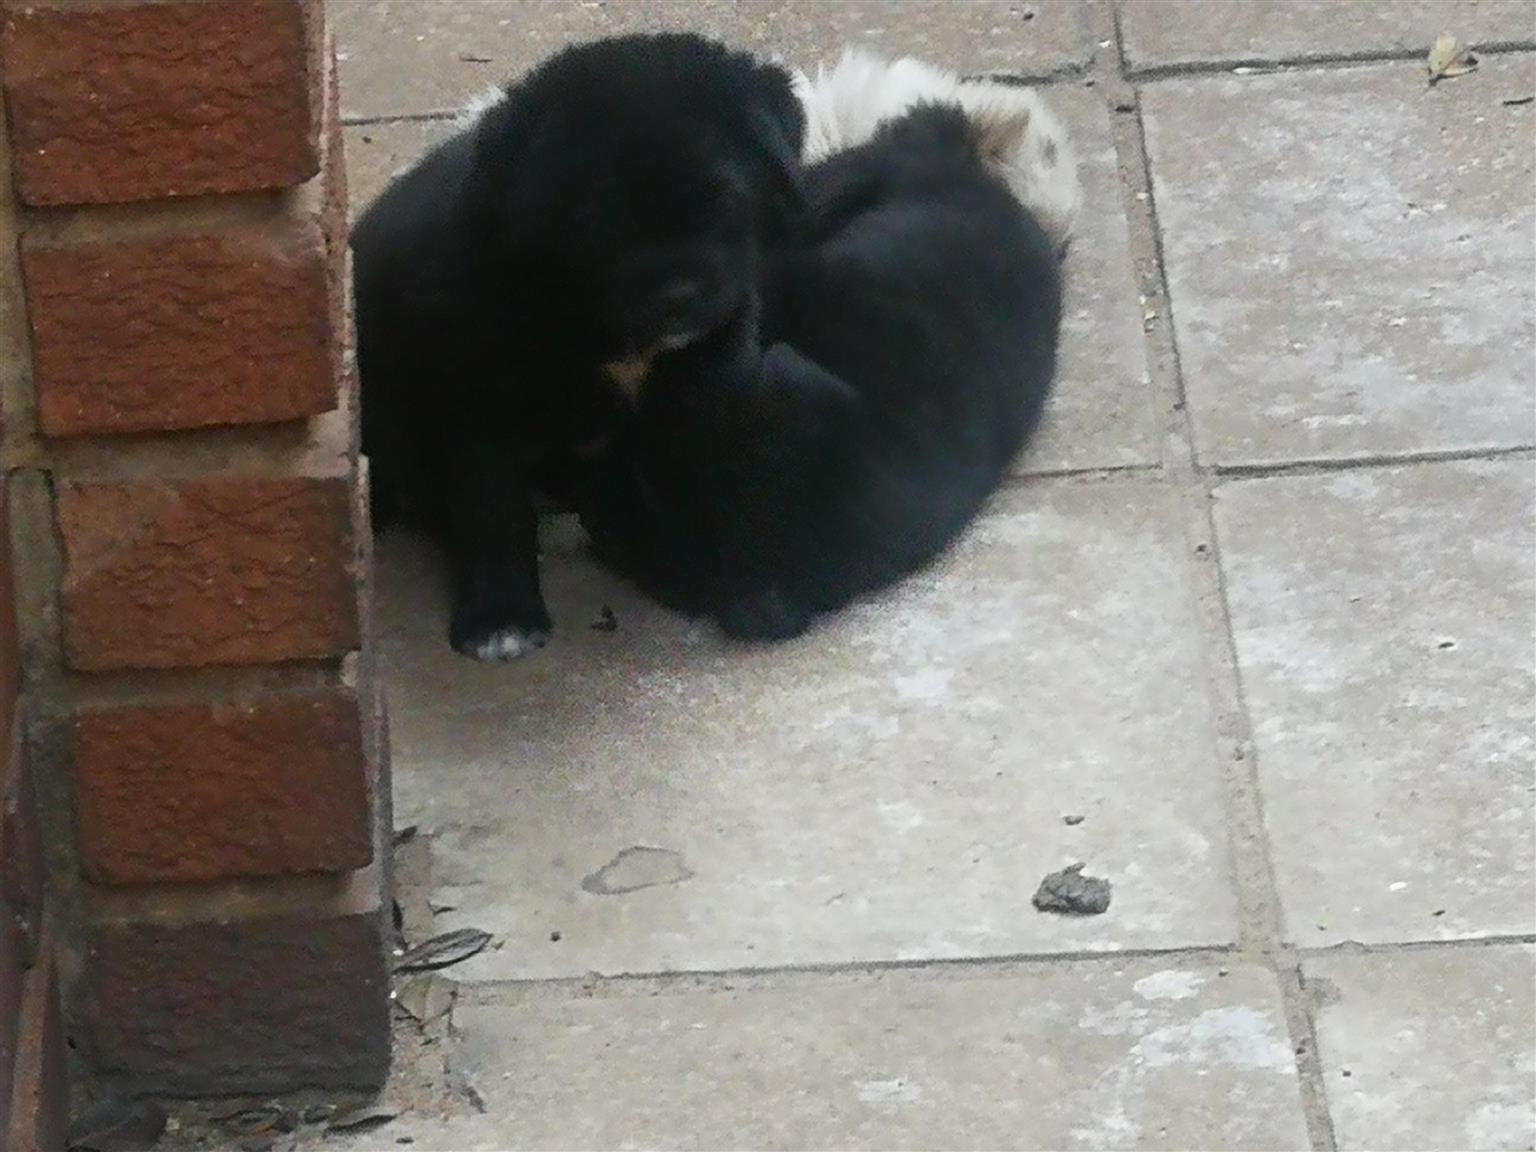 Labrador mix Japanese Chin hondjies